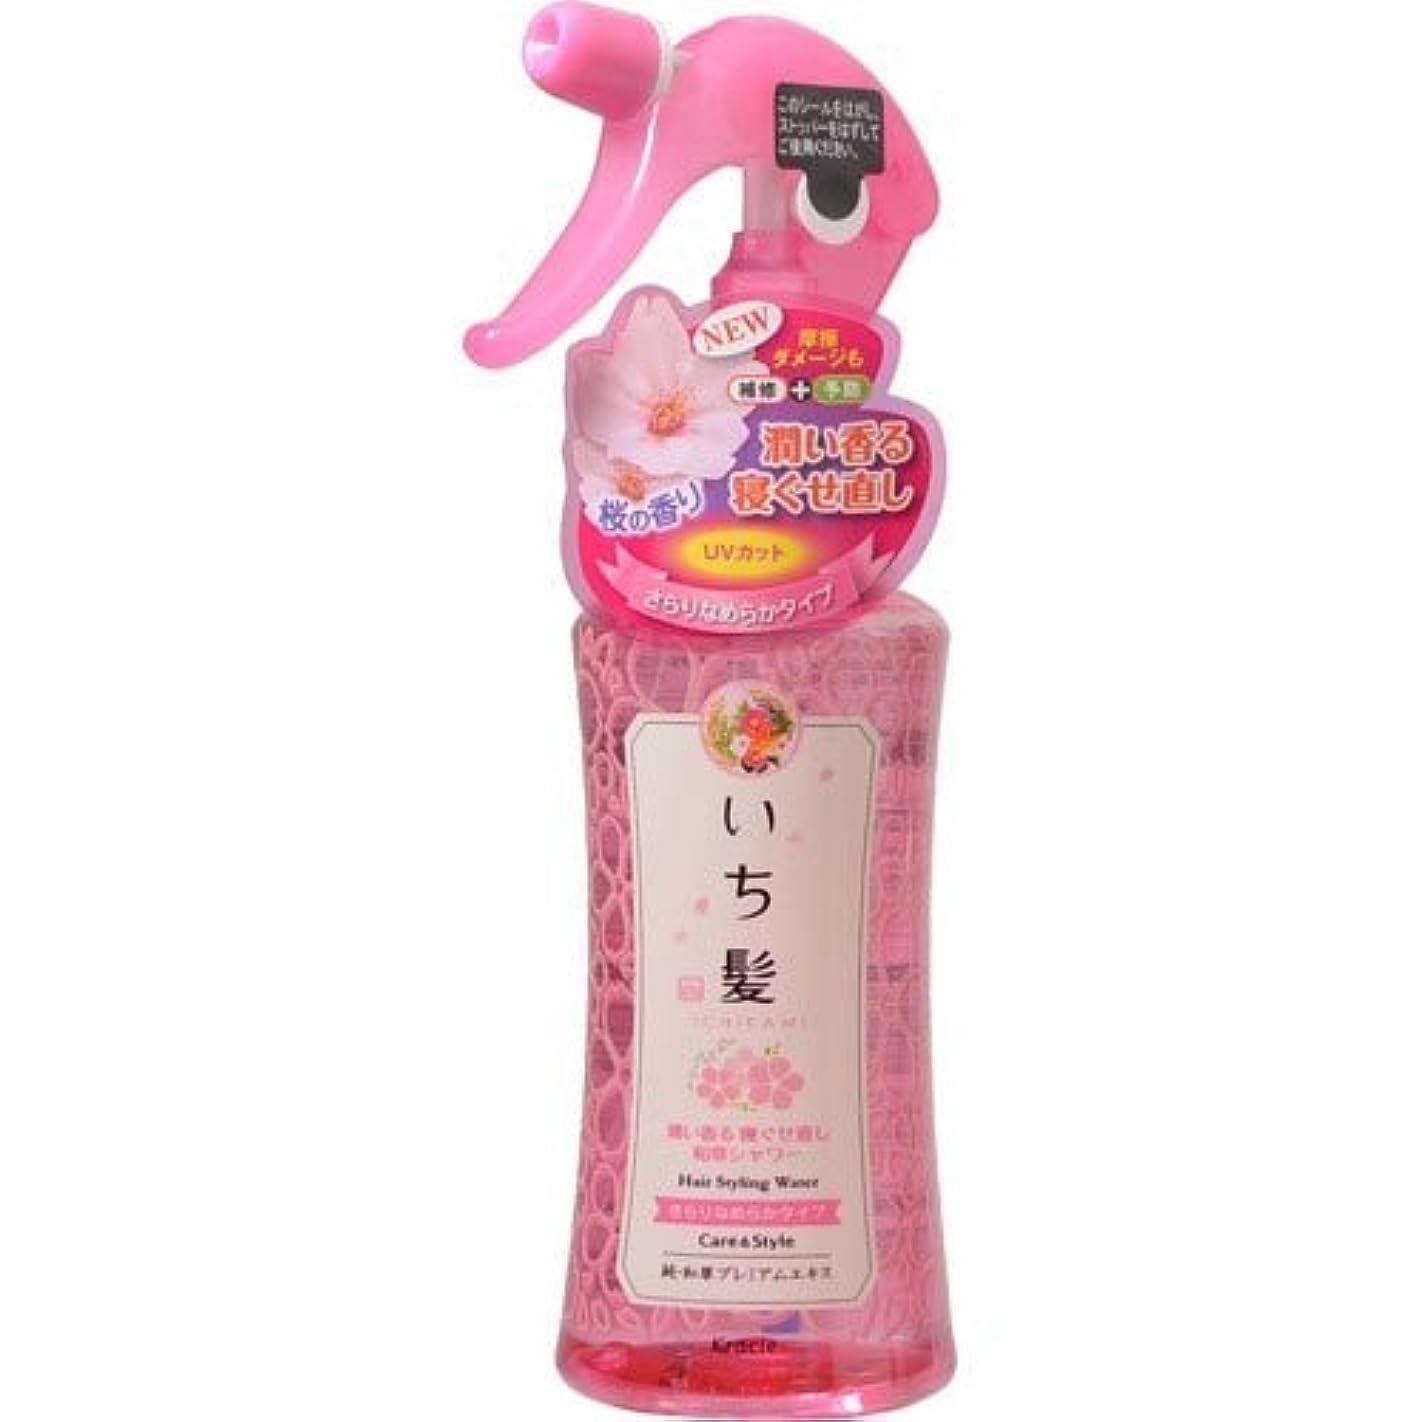 着る吐き出すフラフープいち髪 潤い香る寝ぐせ直し和草シャワー さらりなめらかタイプ 250mL